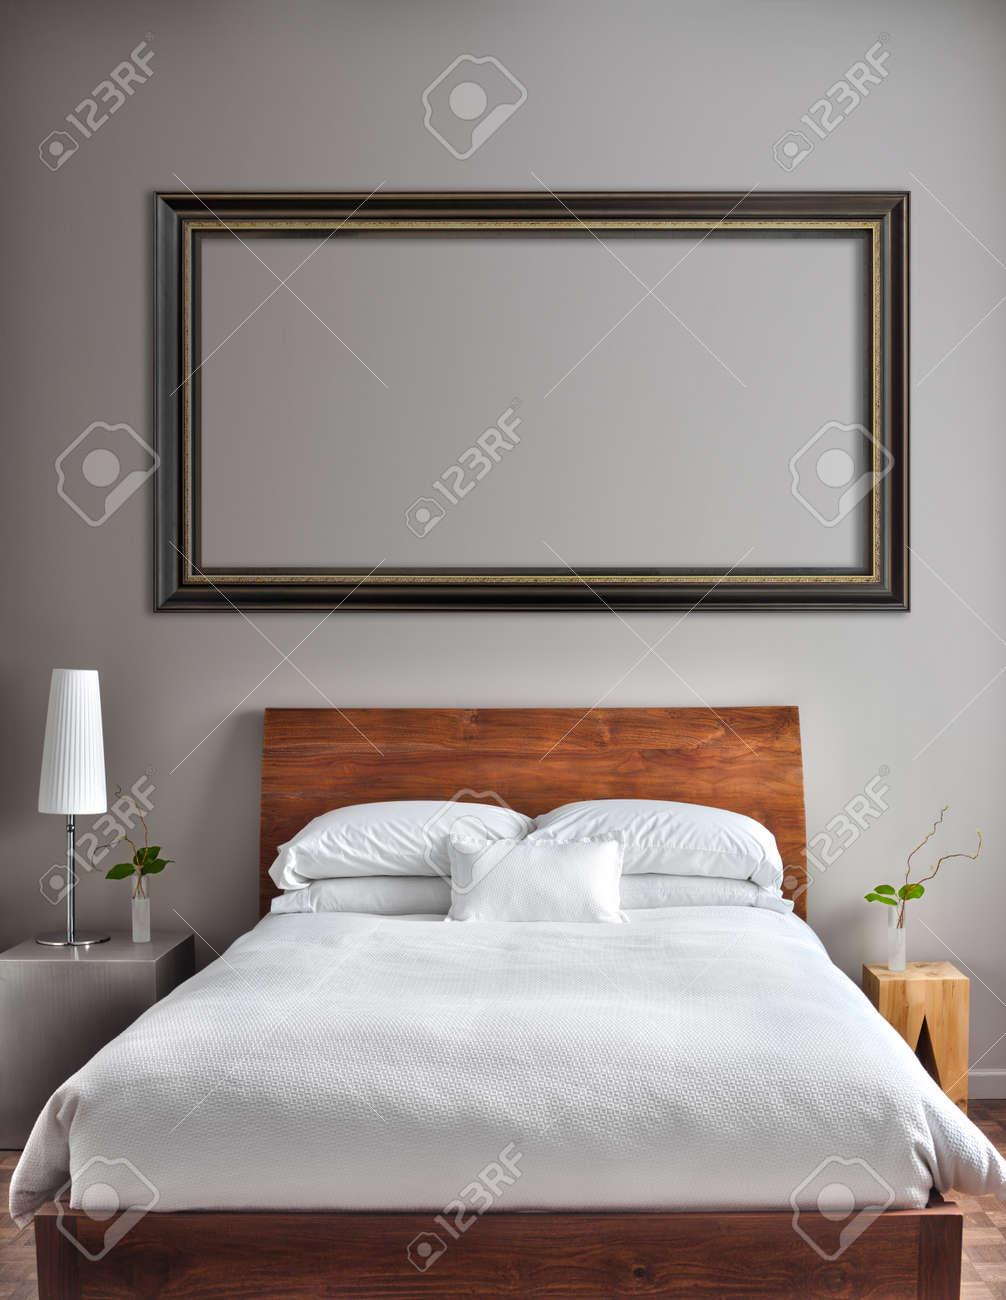 Schöne Saubere Und Moderne Zimmer Mit Leeren Wand, Einige Text, Logo ...